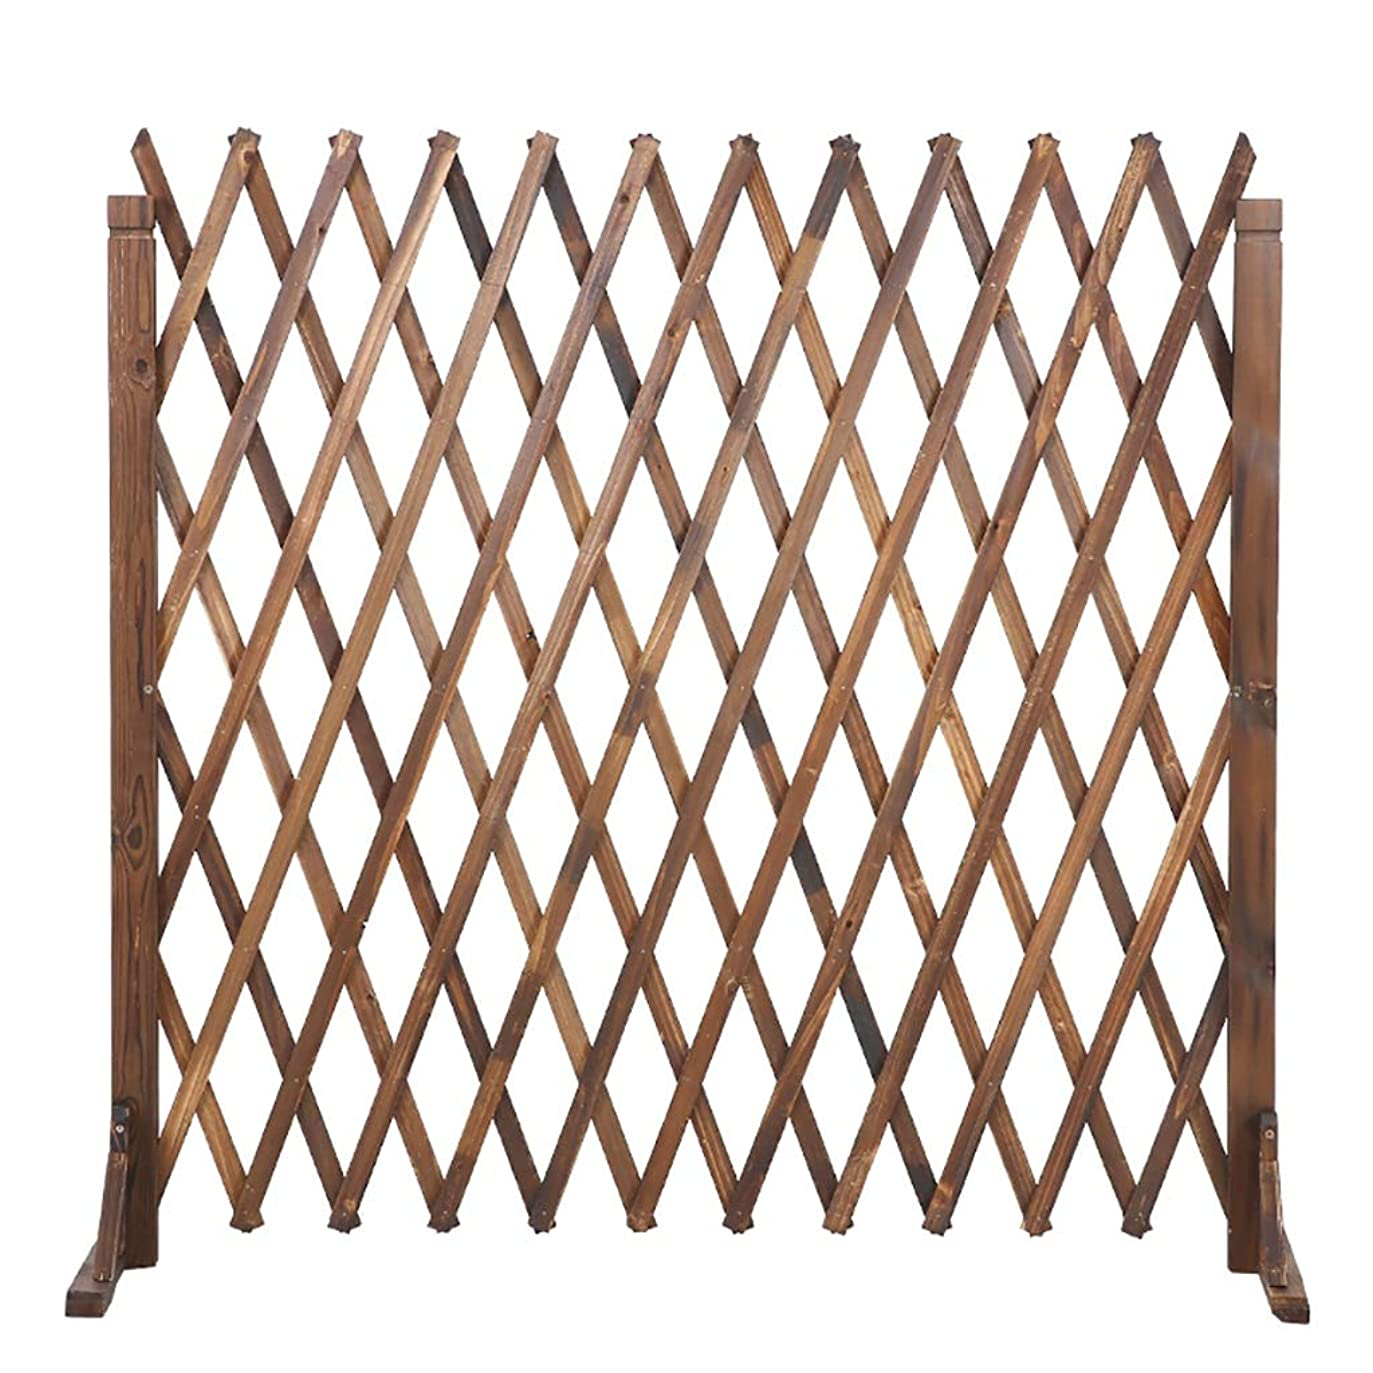 モザイクエステート襟木製フェンスガーデンテレスコピックフェンスガーデン装飾グリッドフェンス, 3サイズ。 (Size : Height80cm/31.5inch)